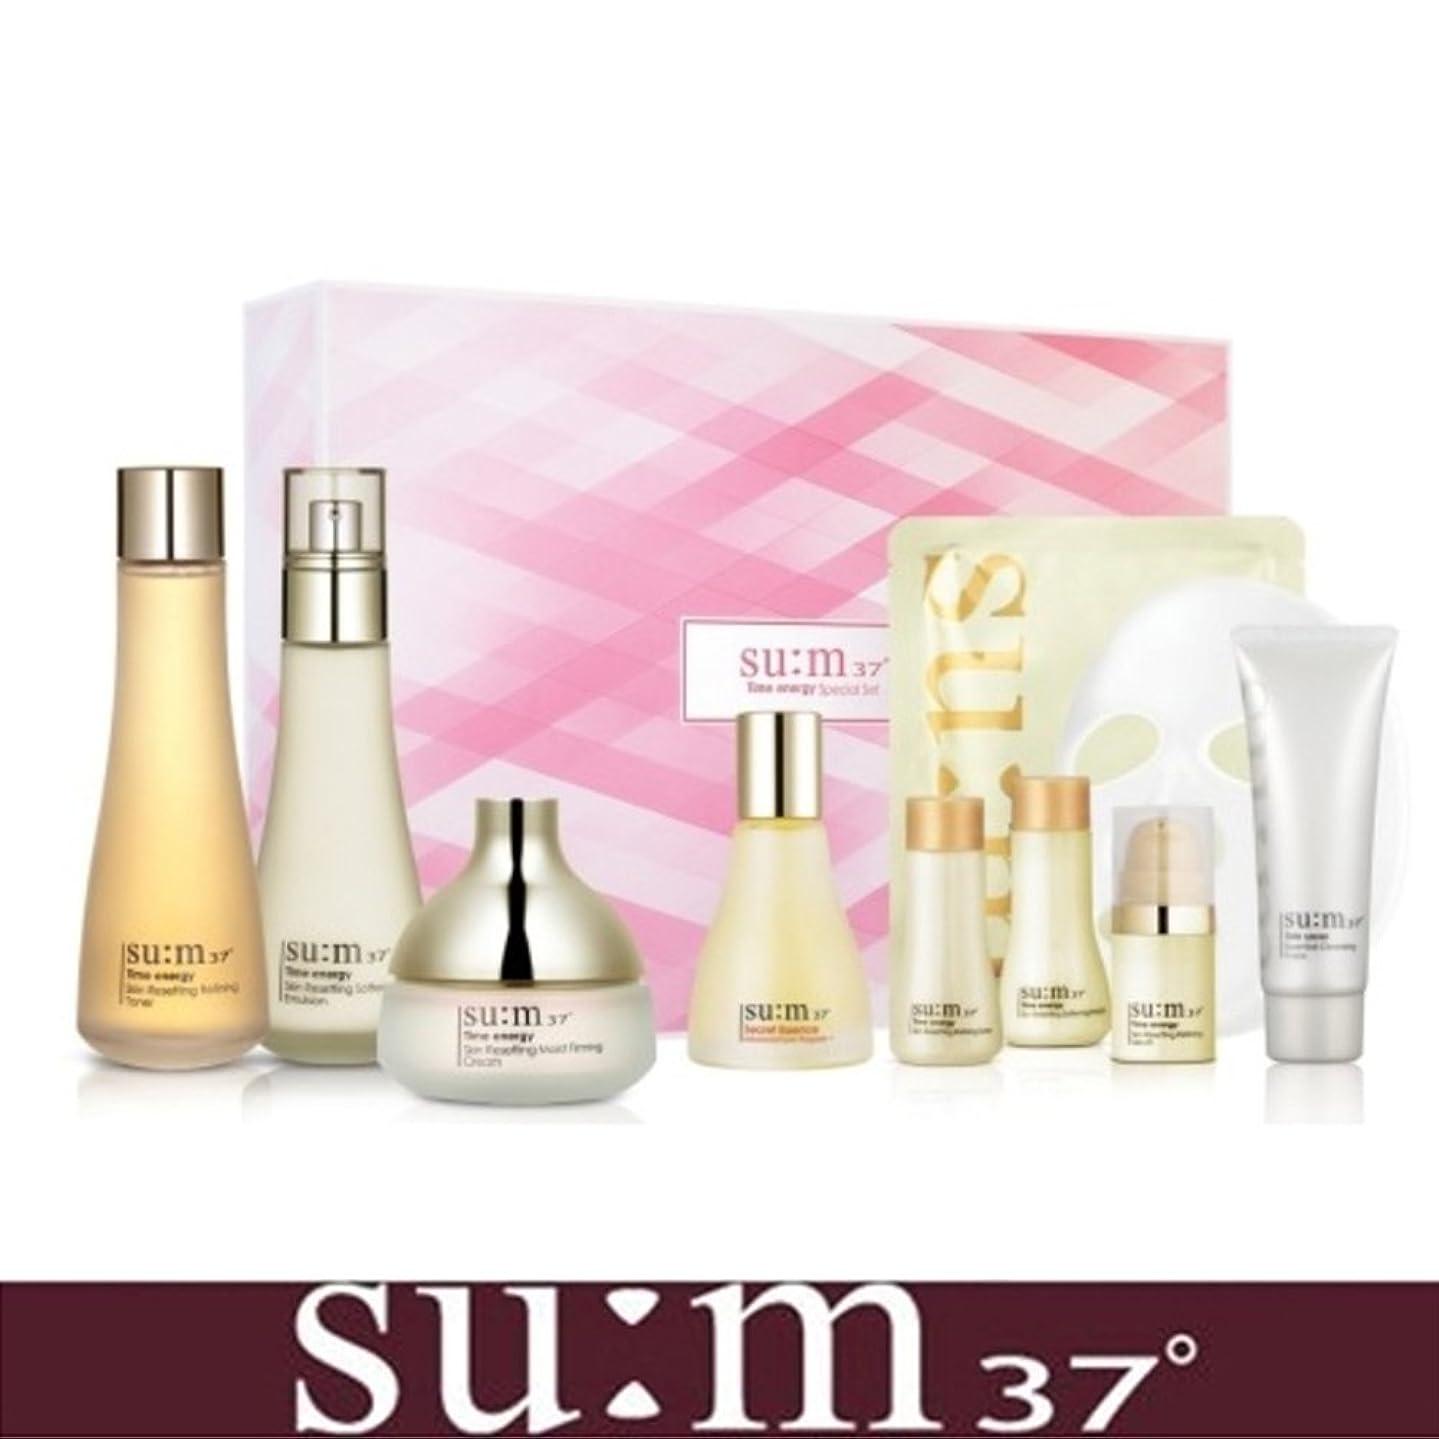 コショウ結果論理的に[su:m37/スム37°] SUM37 Time Energy 3pcs Special Skincare Set / タイムエネルギーの3種のスペシャルセット+[Sample Gift](海外直送品)